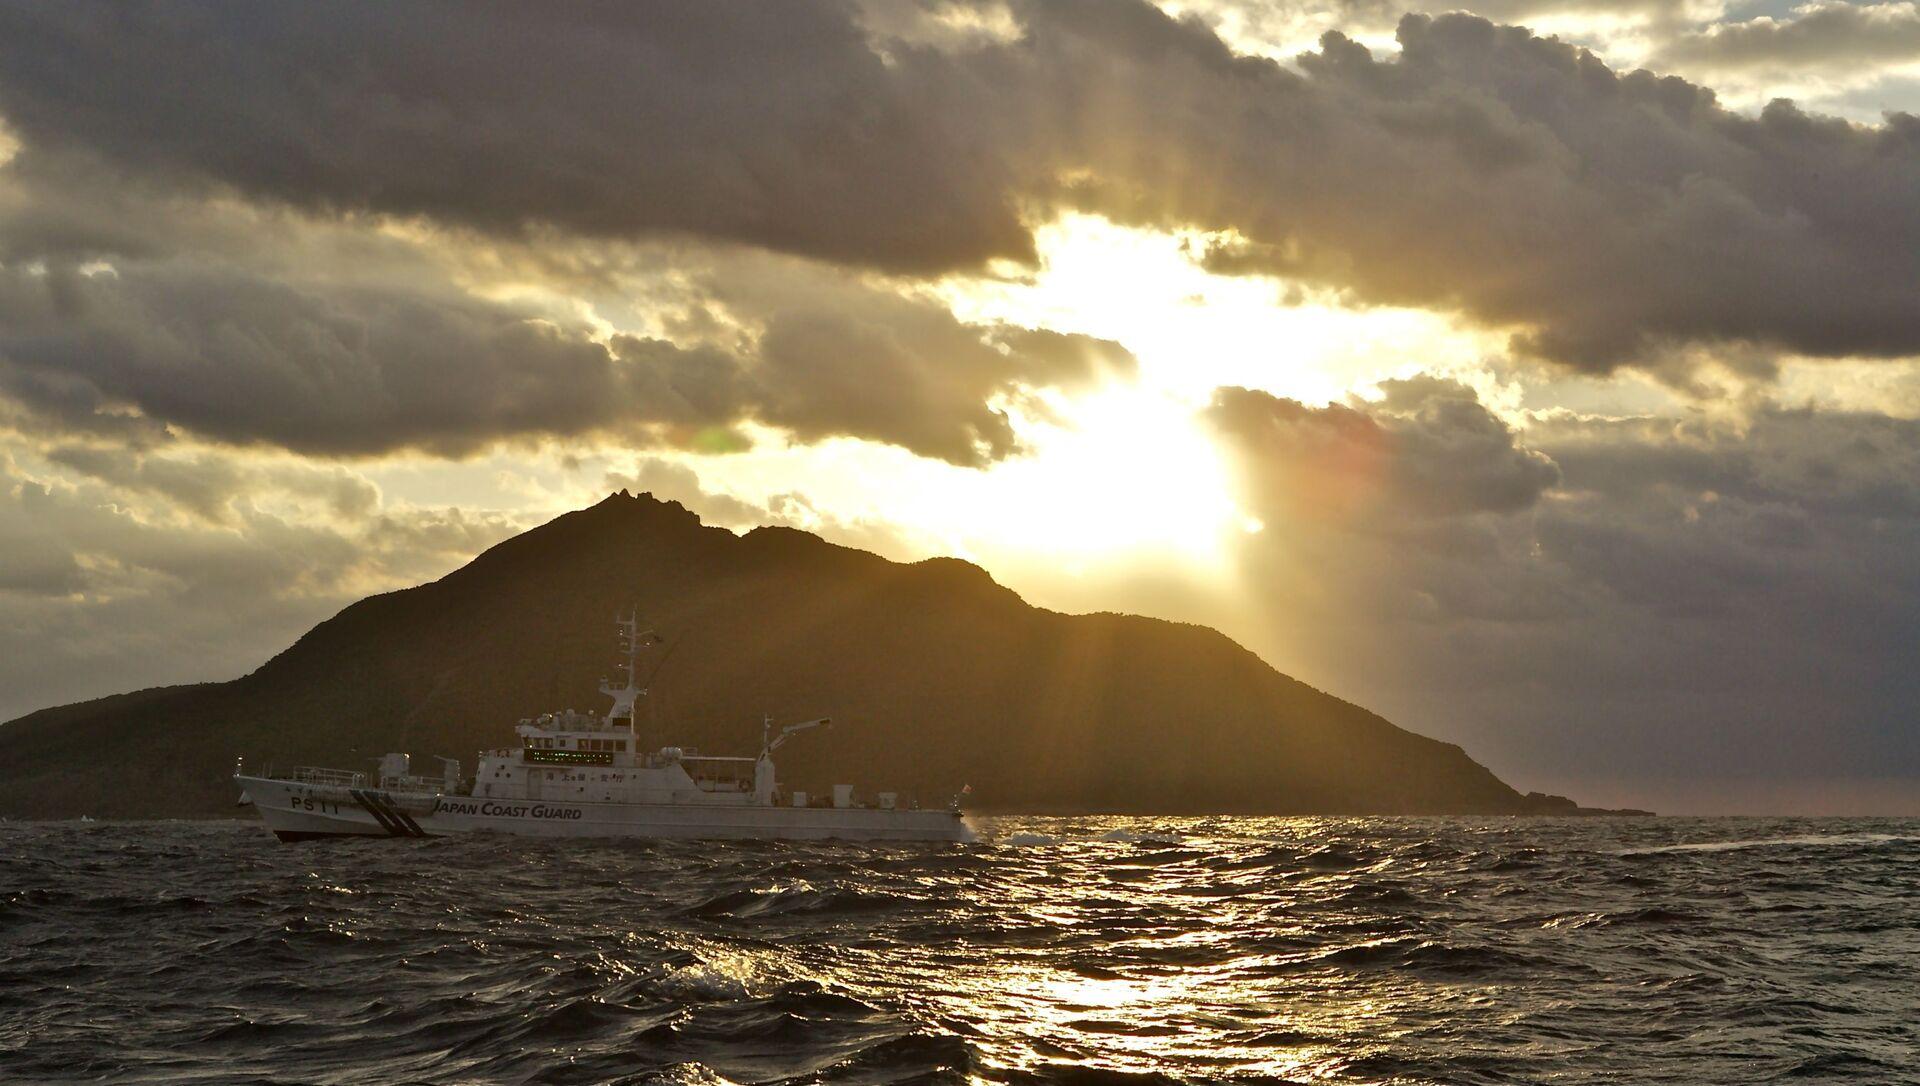 Đảo Điếu Ngư (Senkaku) ở Biển Hoa Đông. - Sputnik Việt Nam, 1920, 04.06.2021